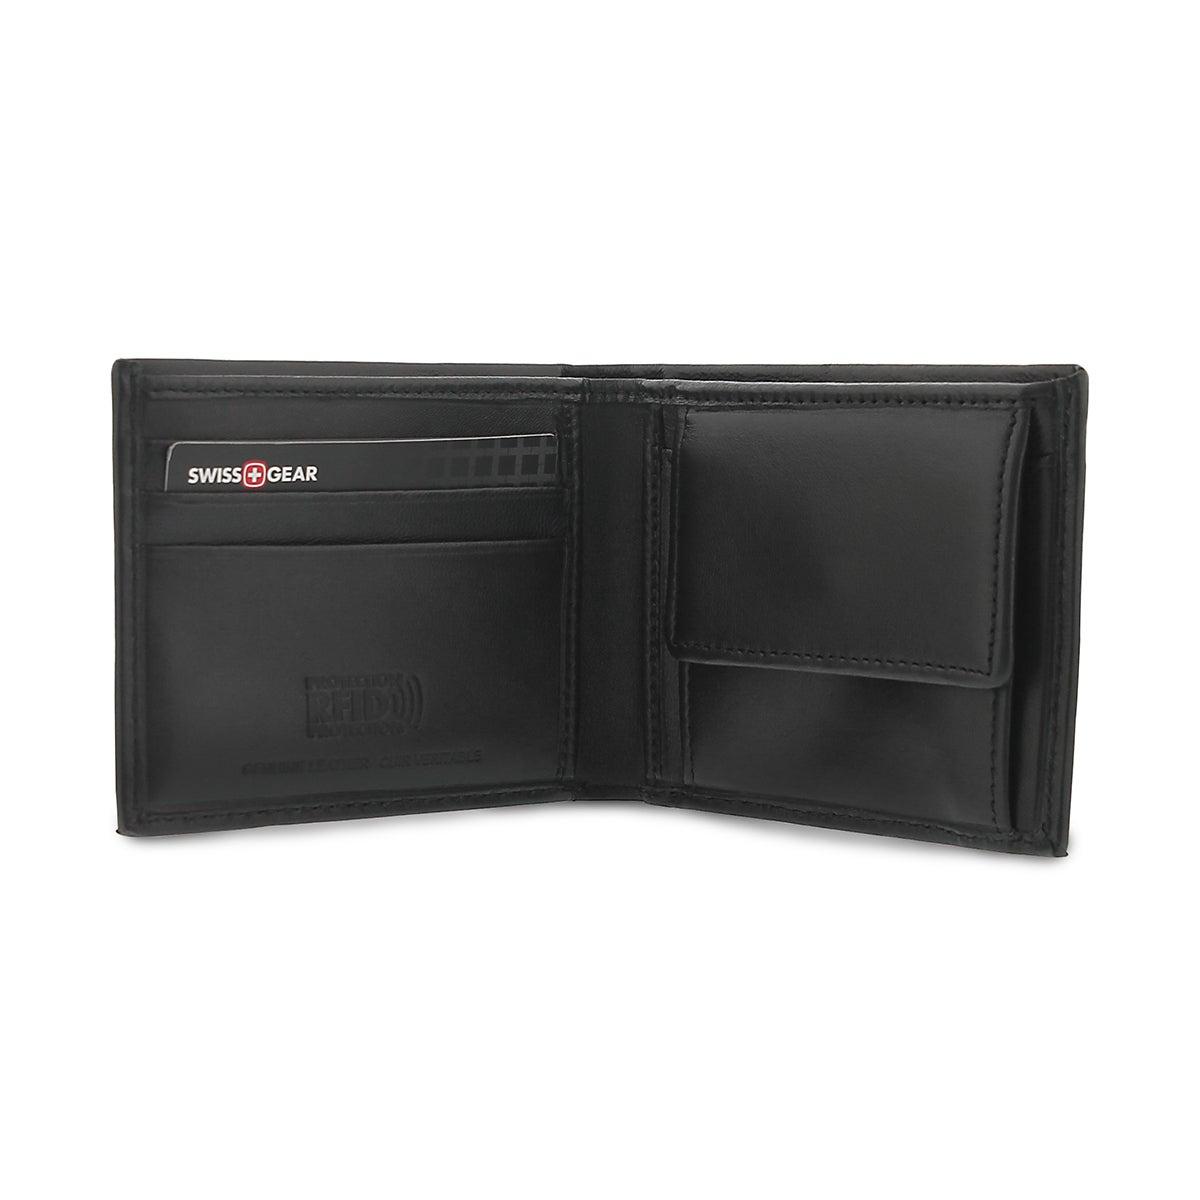 Mns black billfold coin pocket wallet